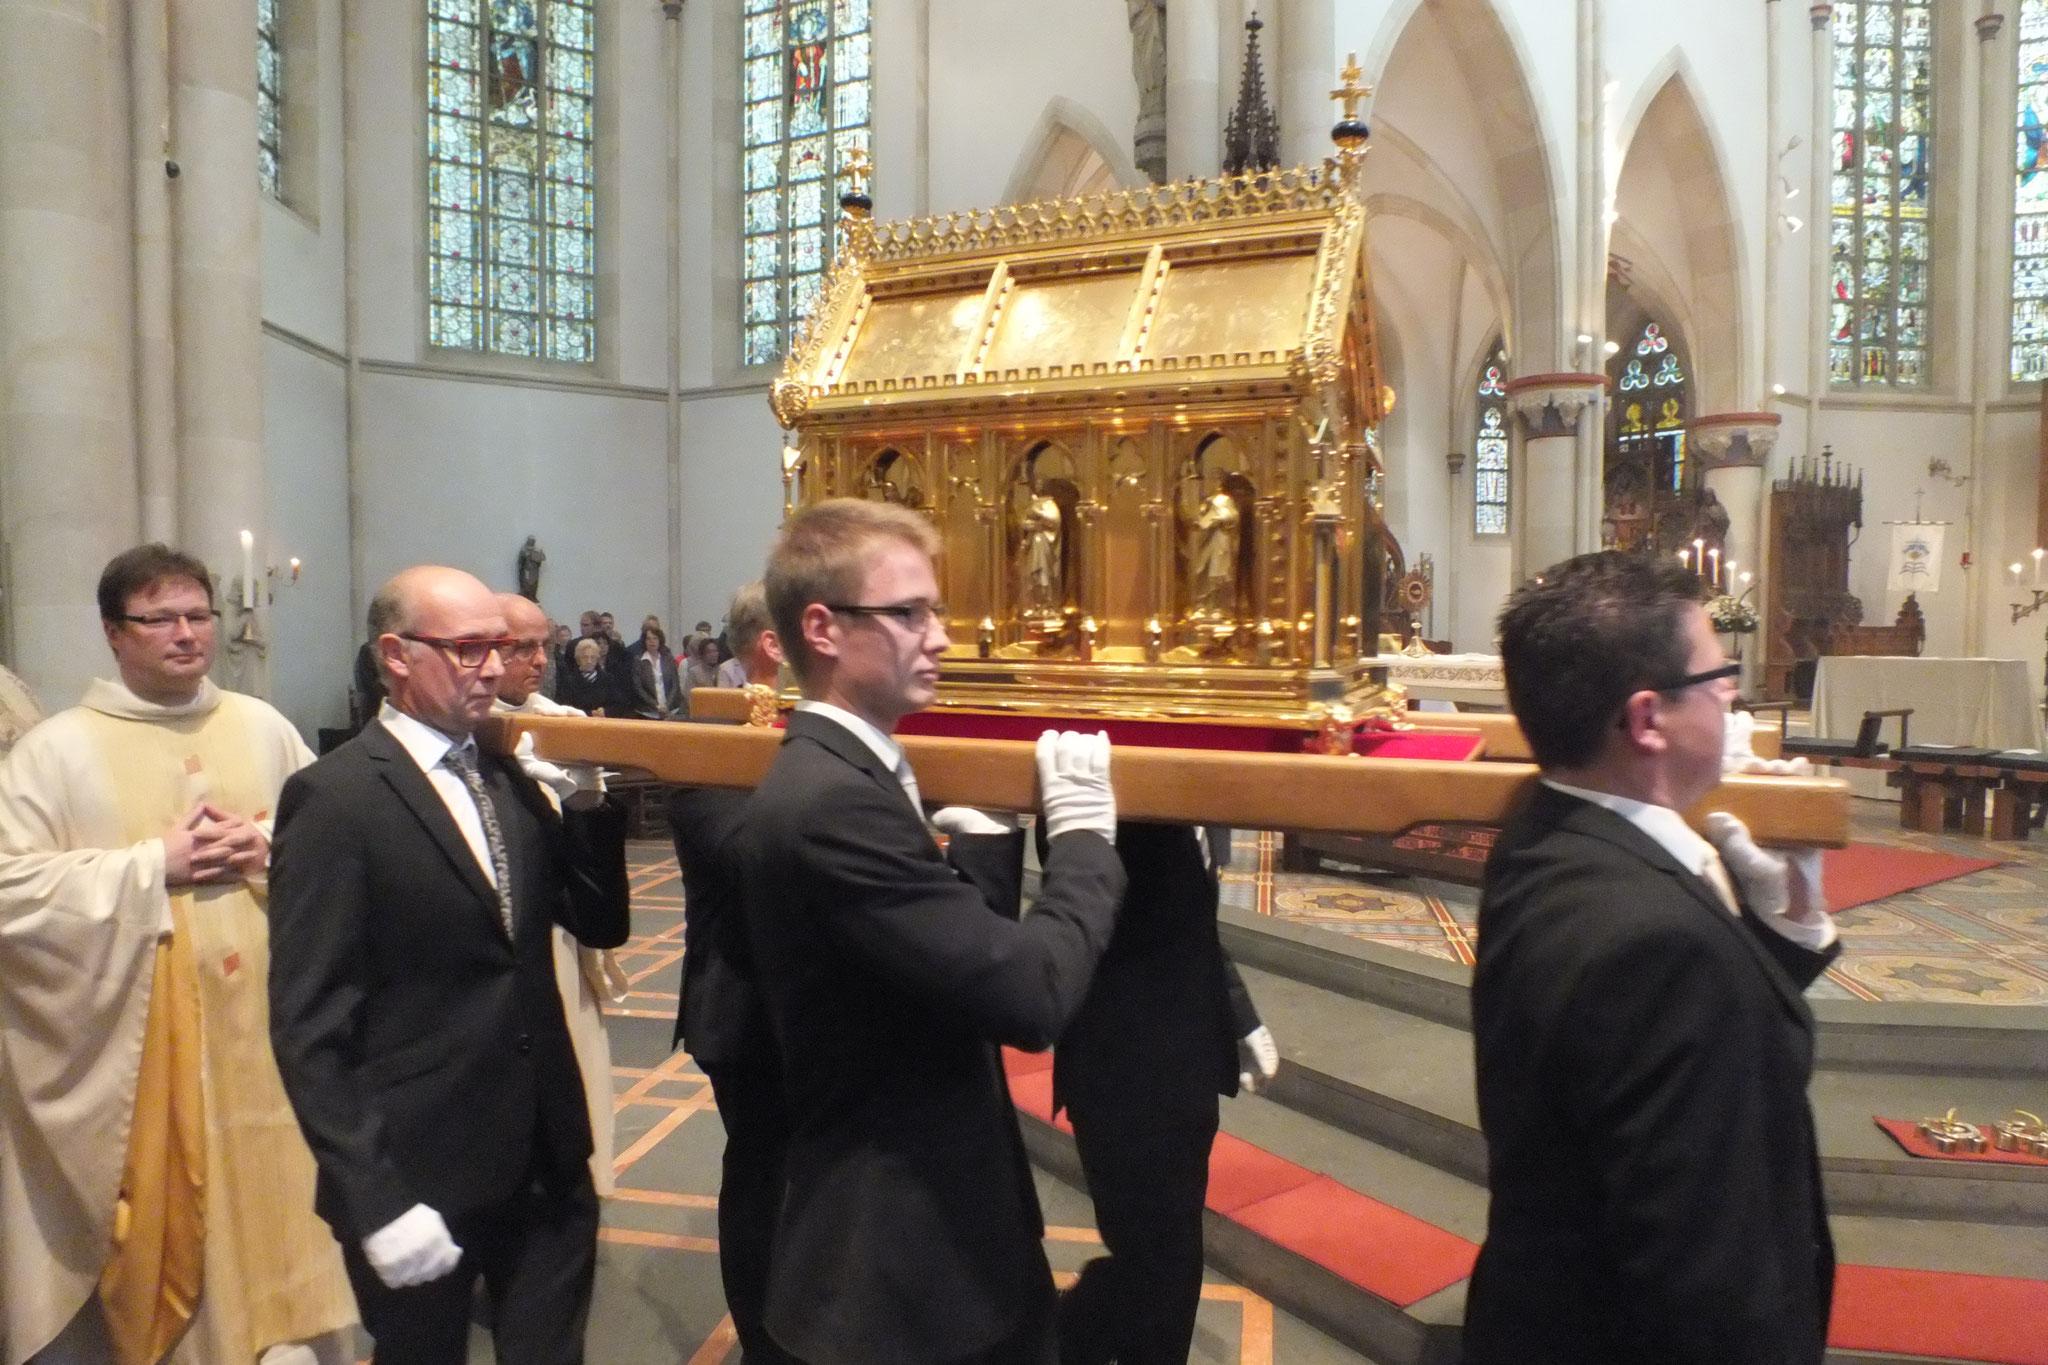 Überführung des Ida-Schreines von der Krypta in die Oberkirche